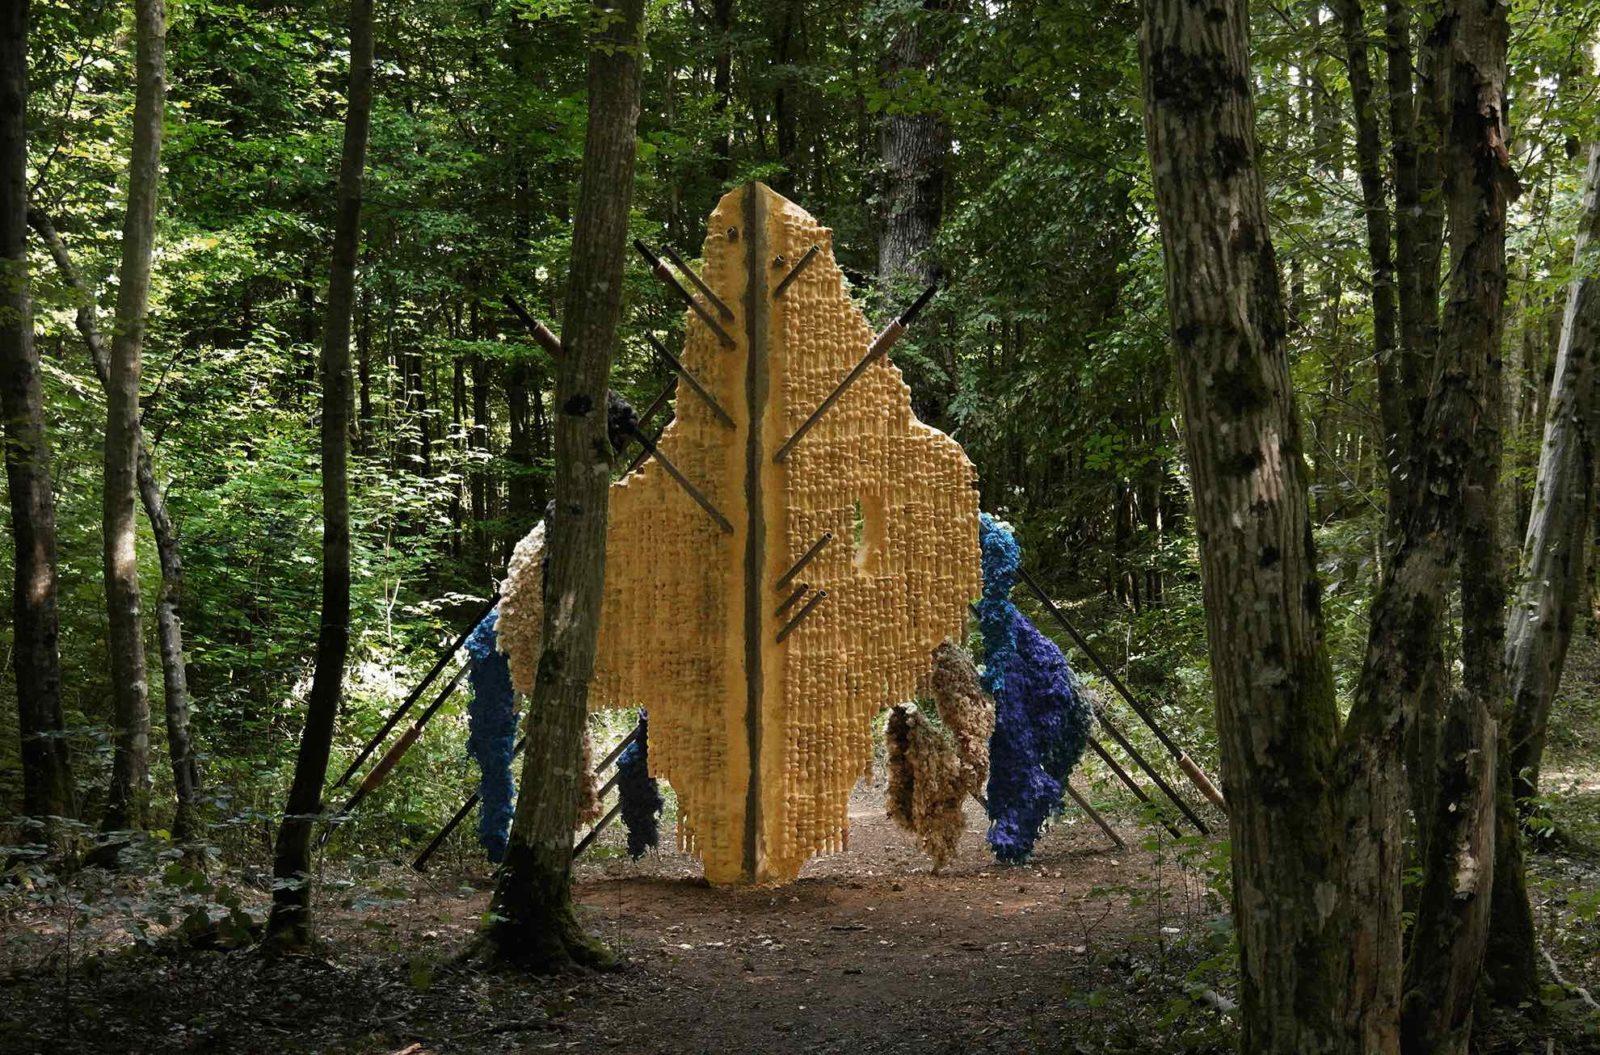 Amandine Arcelli, \ ʁu.ba.to \, Vent des forêts 2018